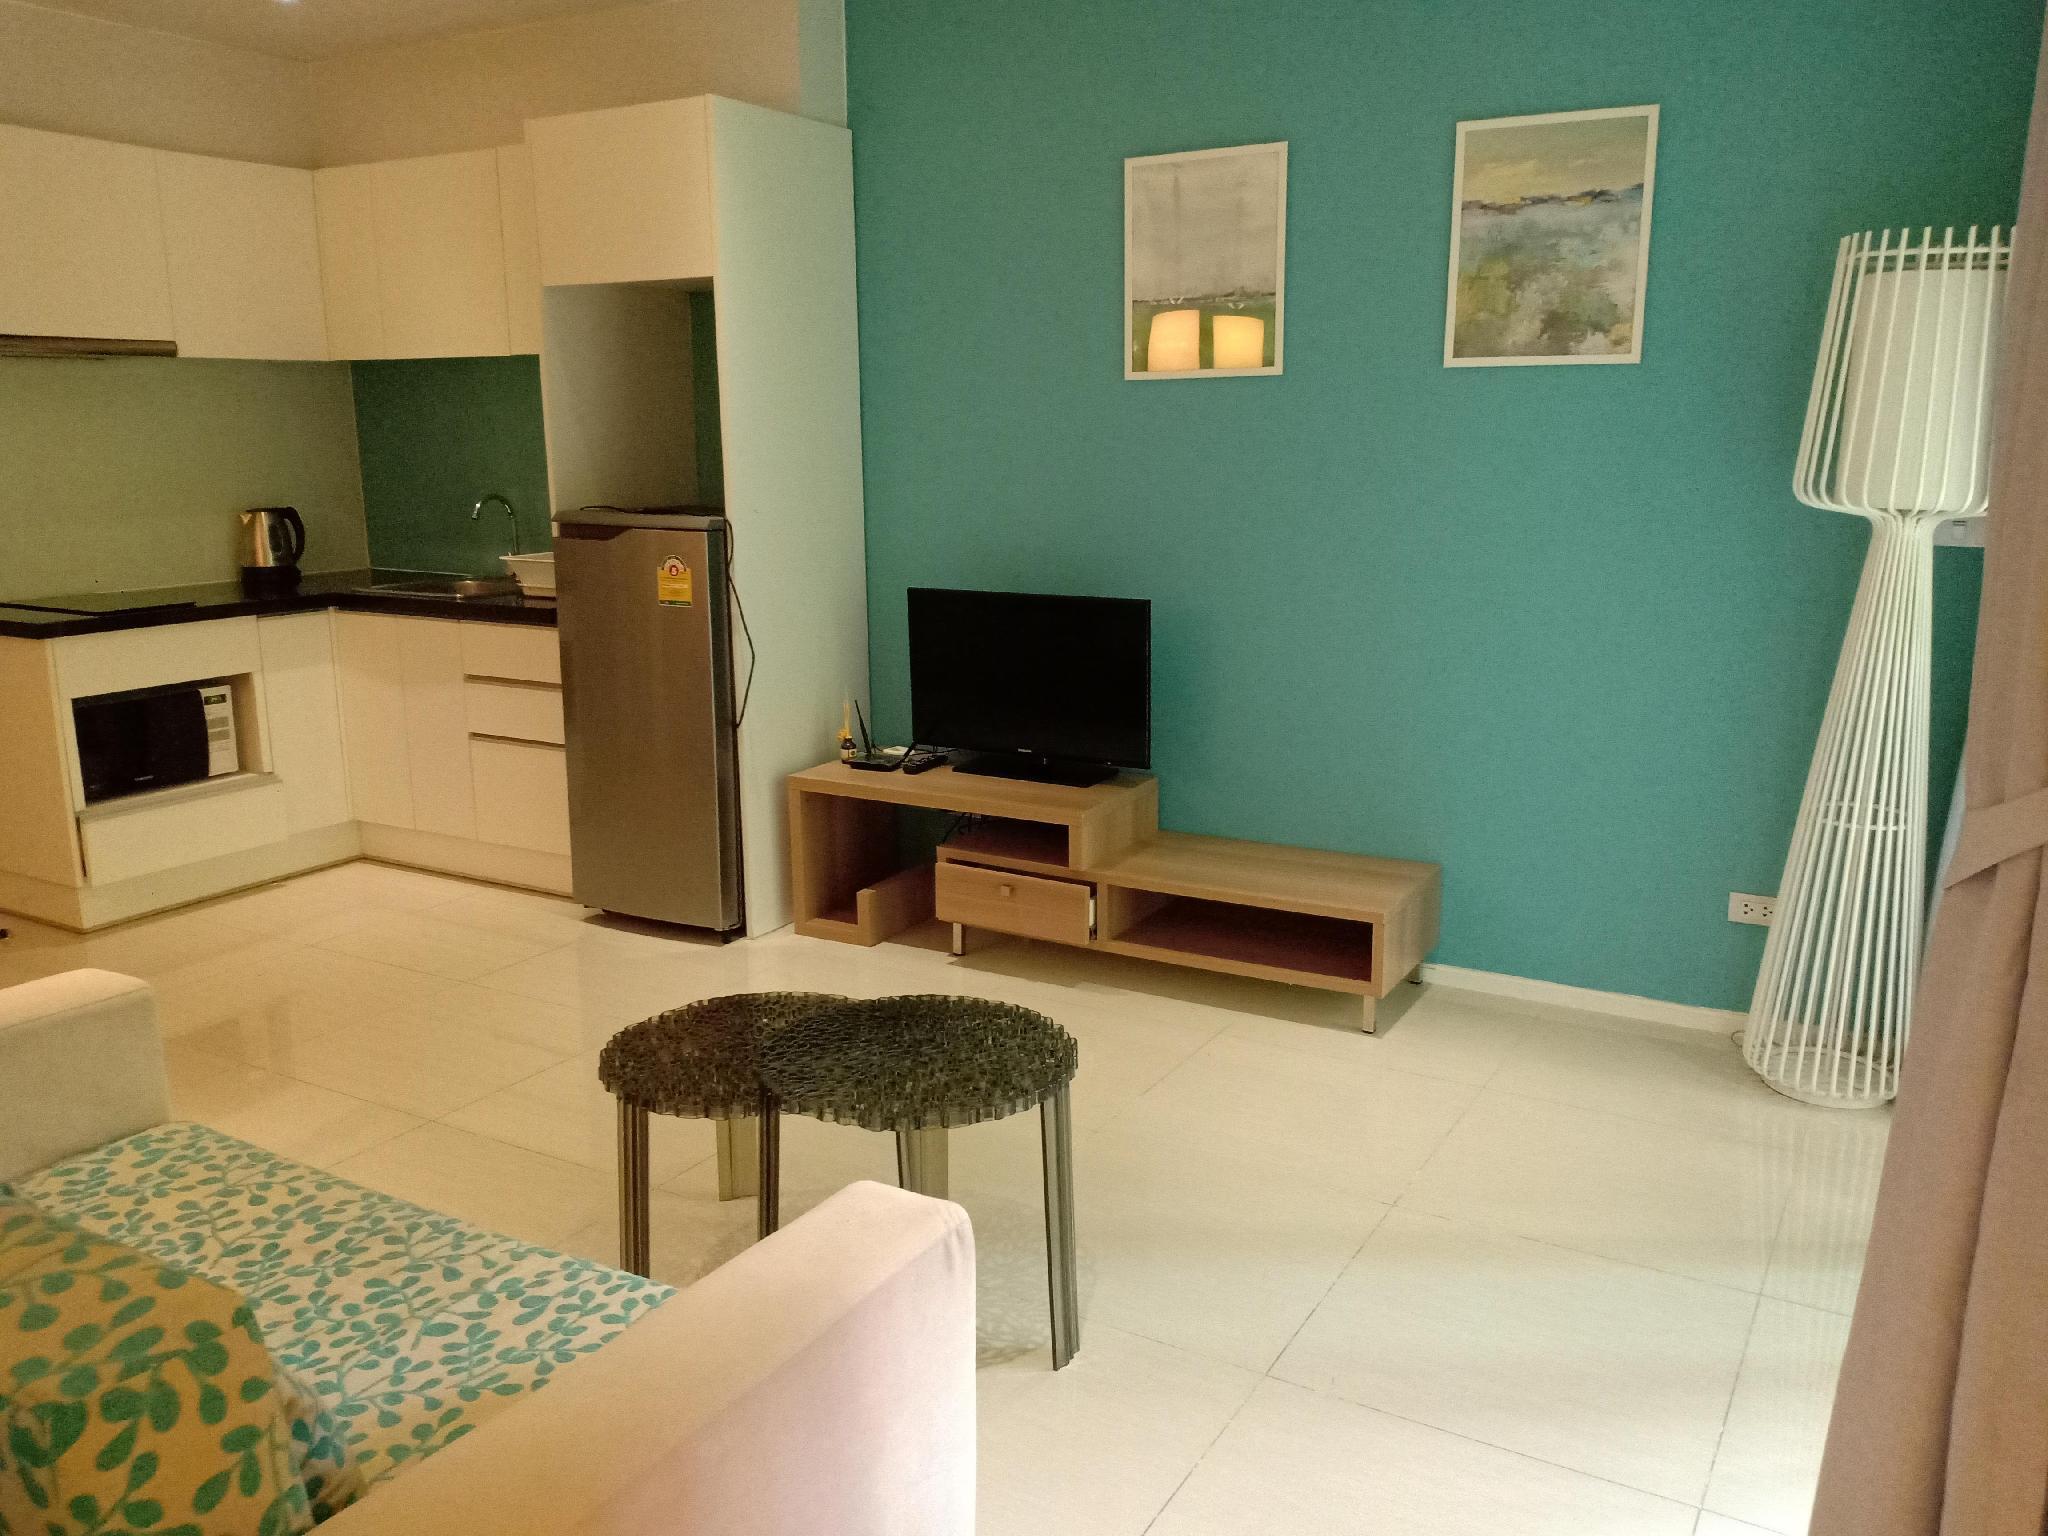 Conner 1 bedroom full furniture อพาร์ตเมนต์ 1 ห้องนอน 1 ห้องน้ำส่วนตัว ขนาด 46 ตร.ม. – หาดจอมเทียน